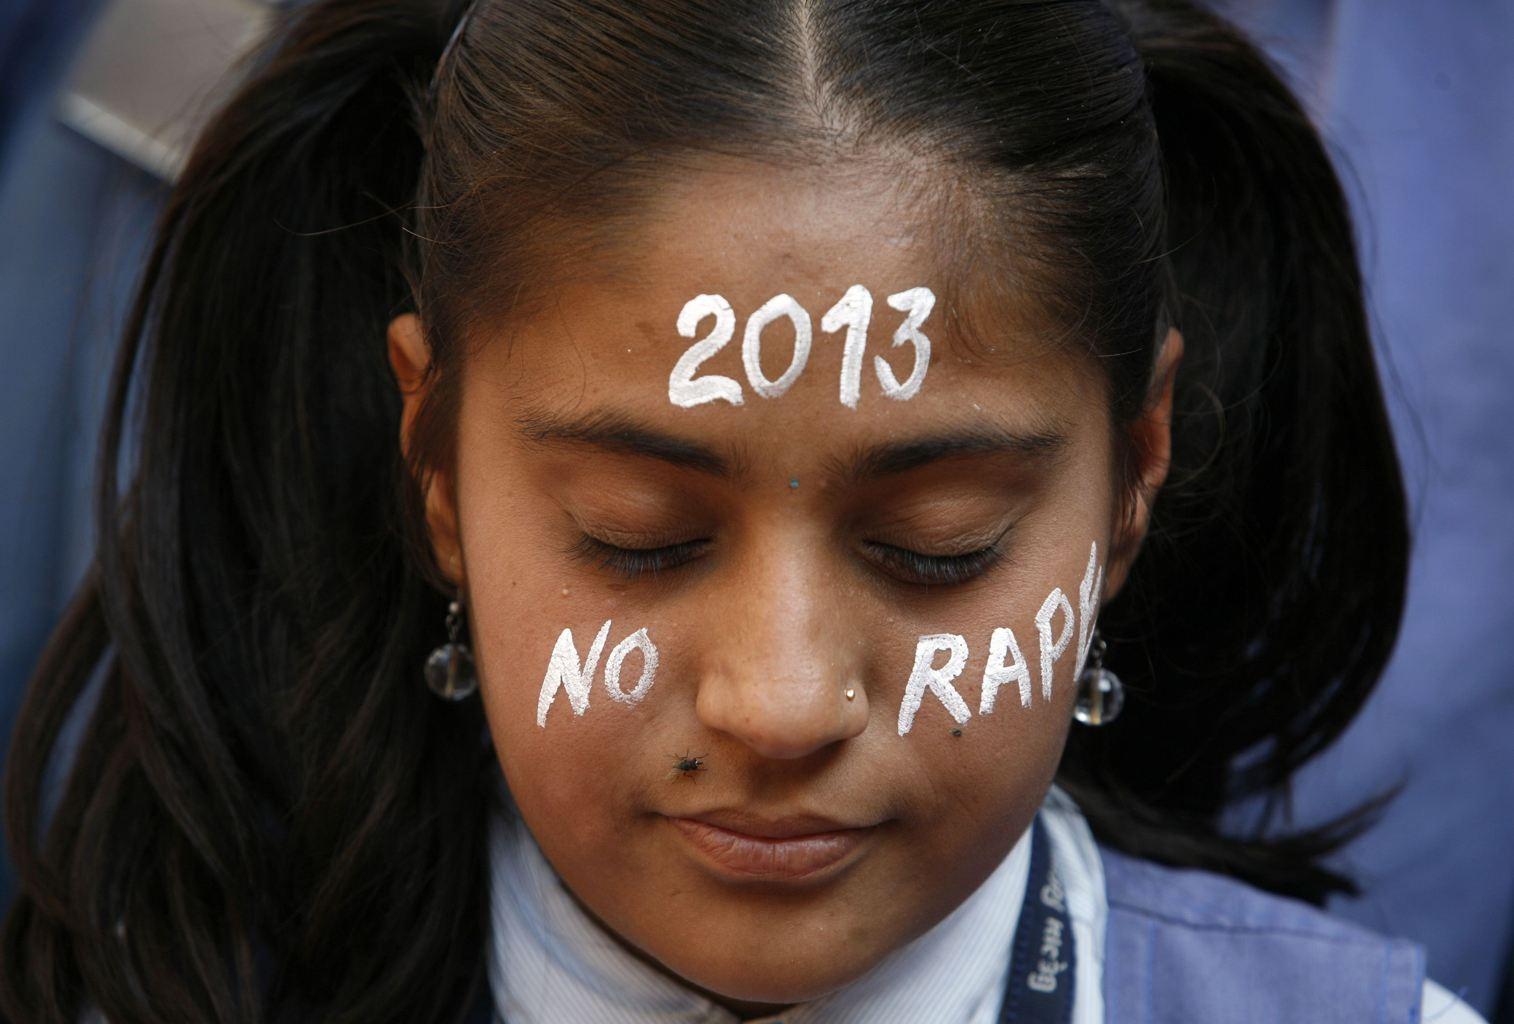 一名印度女孩,在黑公交輪姦案受害者悼念會中,在臉上寫上 2013 零強姦的祝願。攝影:AMIT DAVE / REUTERS